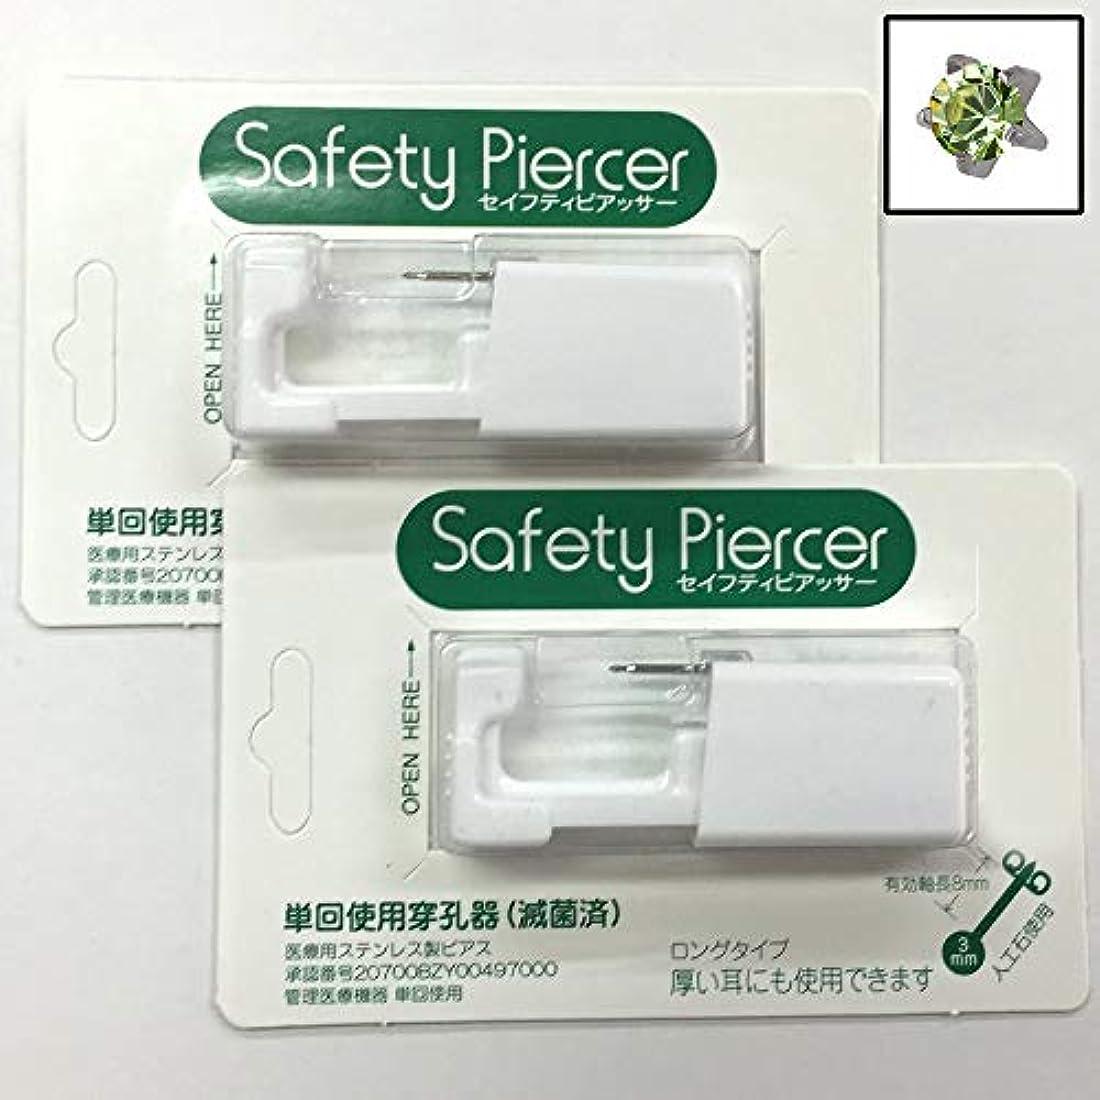 セイフティピアッサー シルバー (医療用ステンレス) 3mm ペリドット色 5M108WL(2個セット)